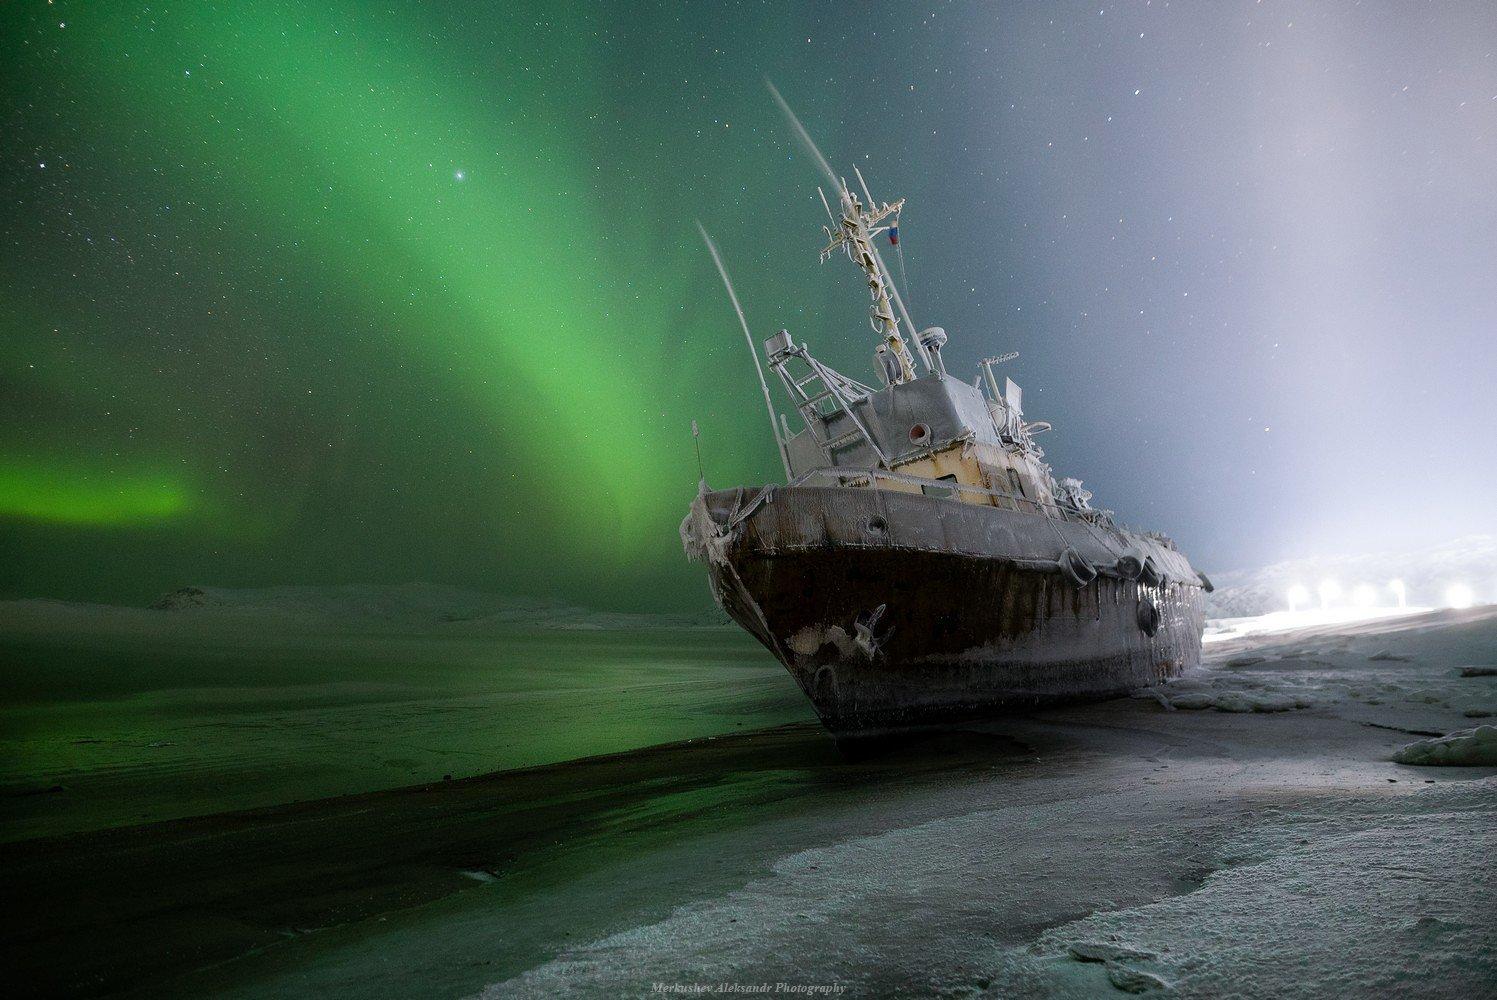 териберка, северное сияние, заполярье, аврора, полярное сияние, ночь, кораблекрушение, звезды, Меркушев Александр